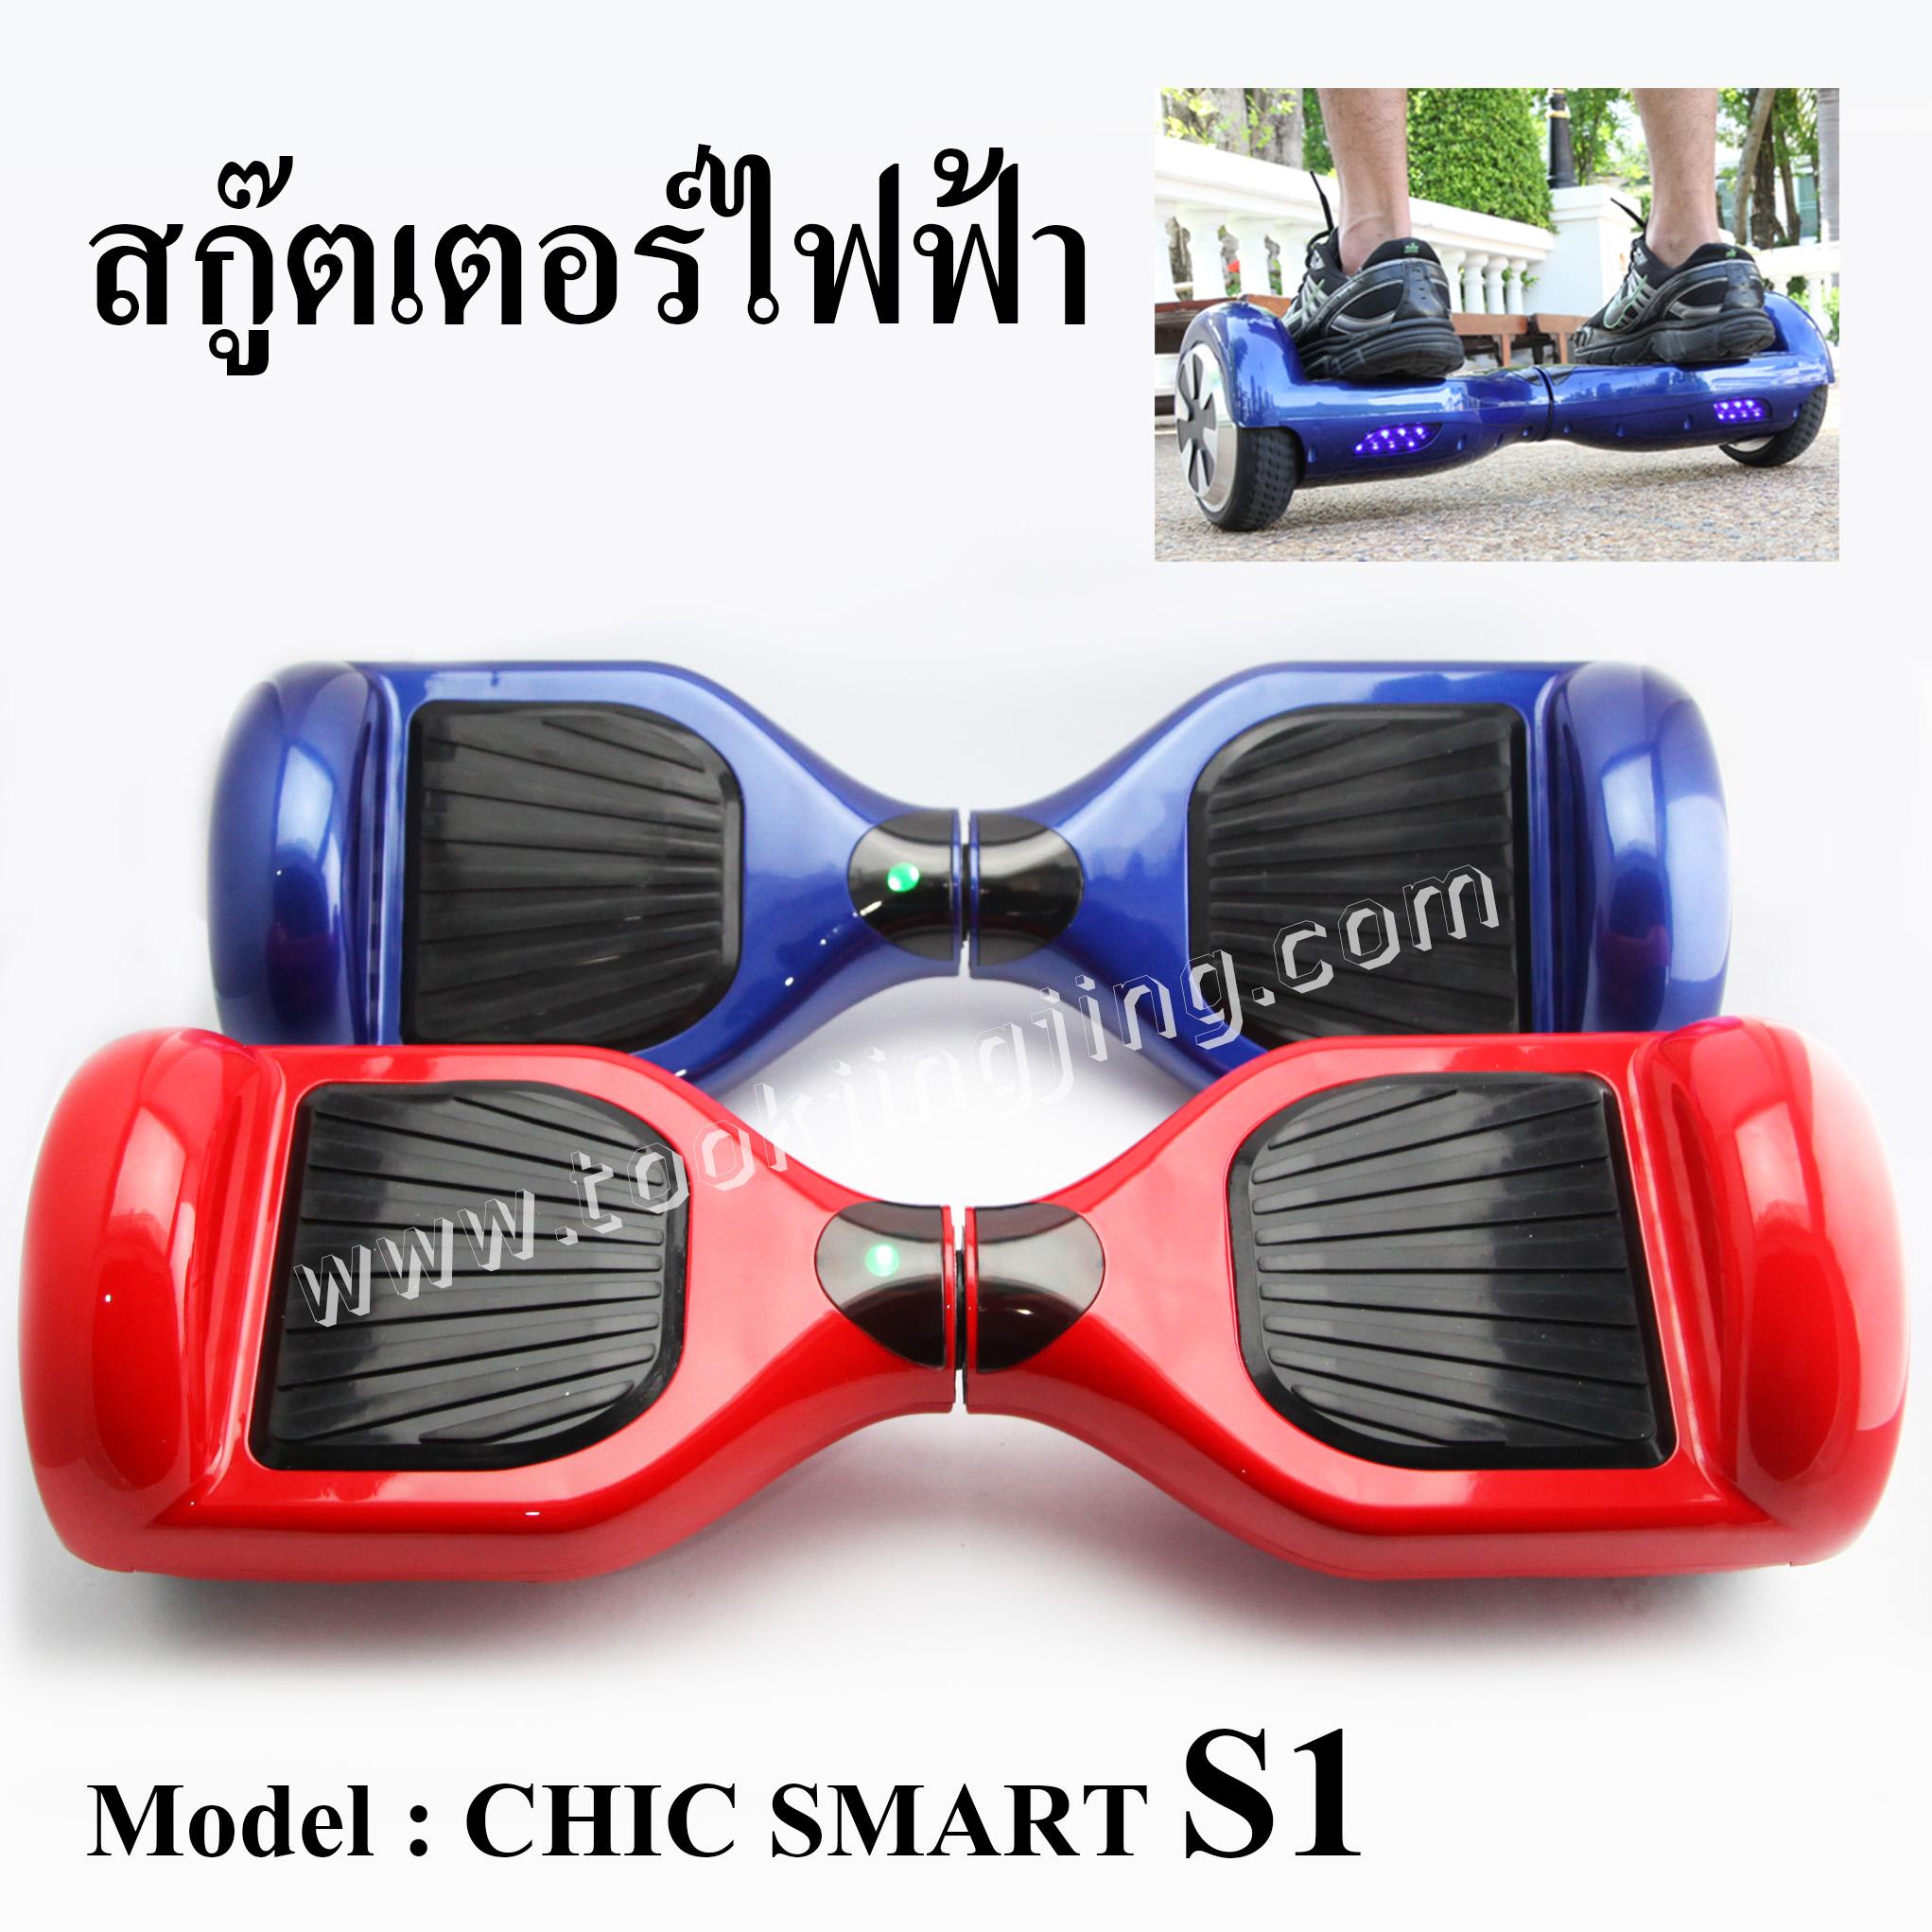 สกู๊ตเตอร์ไฟฟ้า มินิเซกเวย์ S1/CHIC SMART